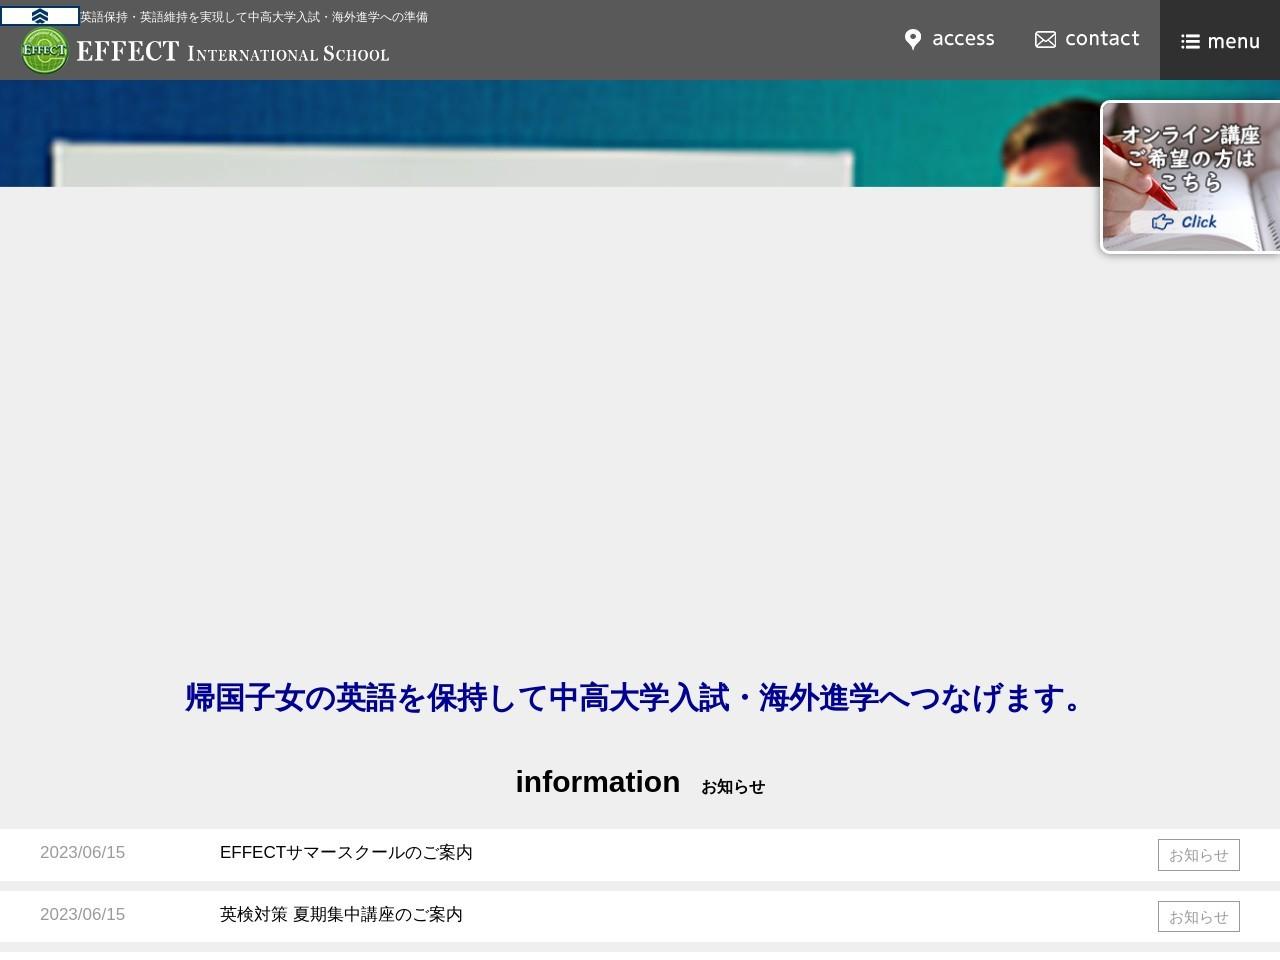 EFFECTSchool祖師谷大蔵校